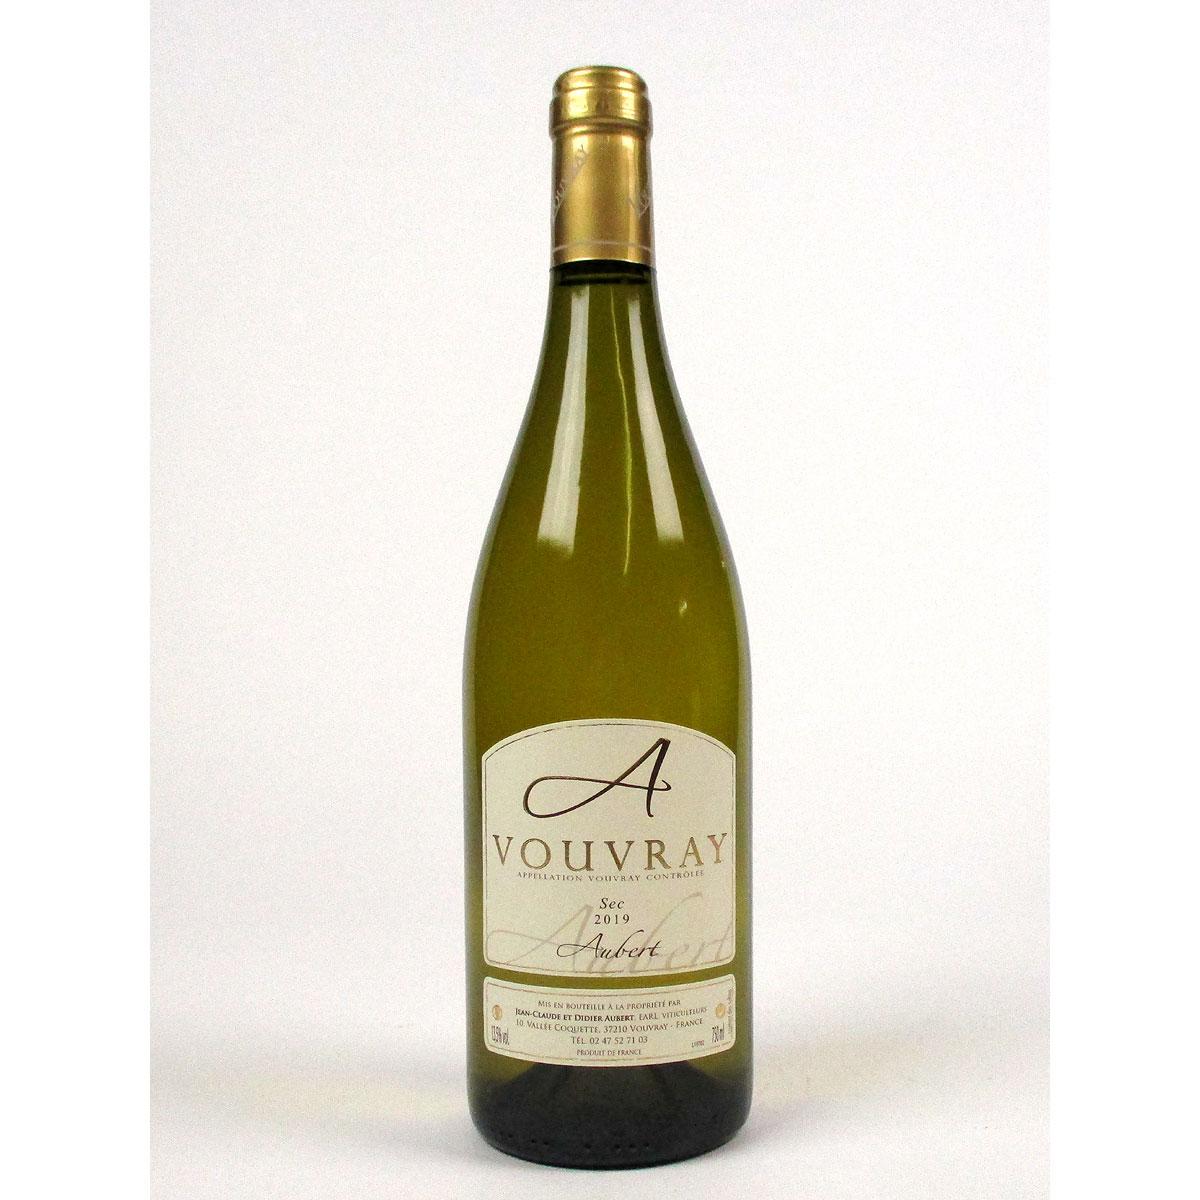 Vouvray: Jean-Claude & Didier Aubert Sec 2019 - Bottle